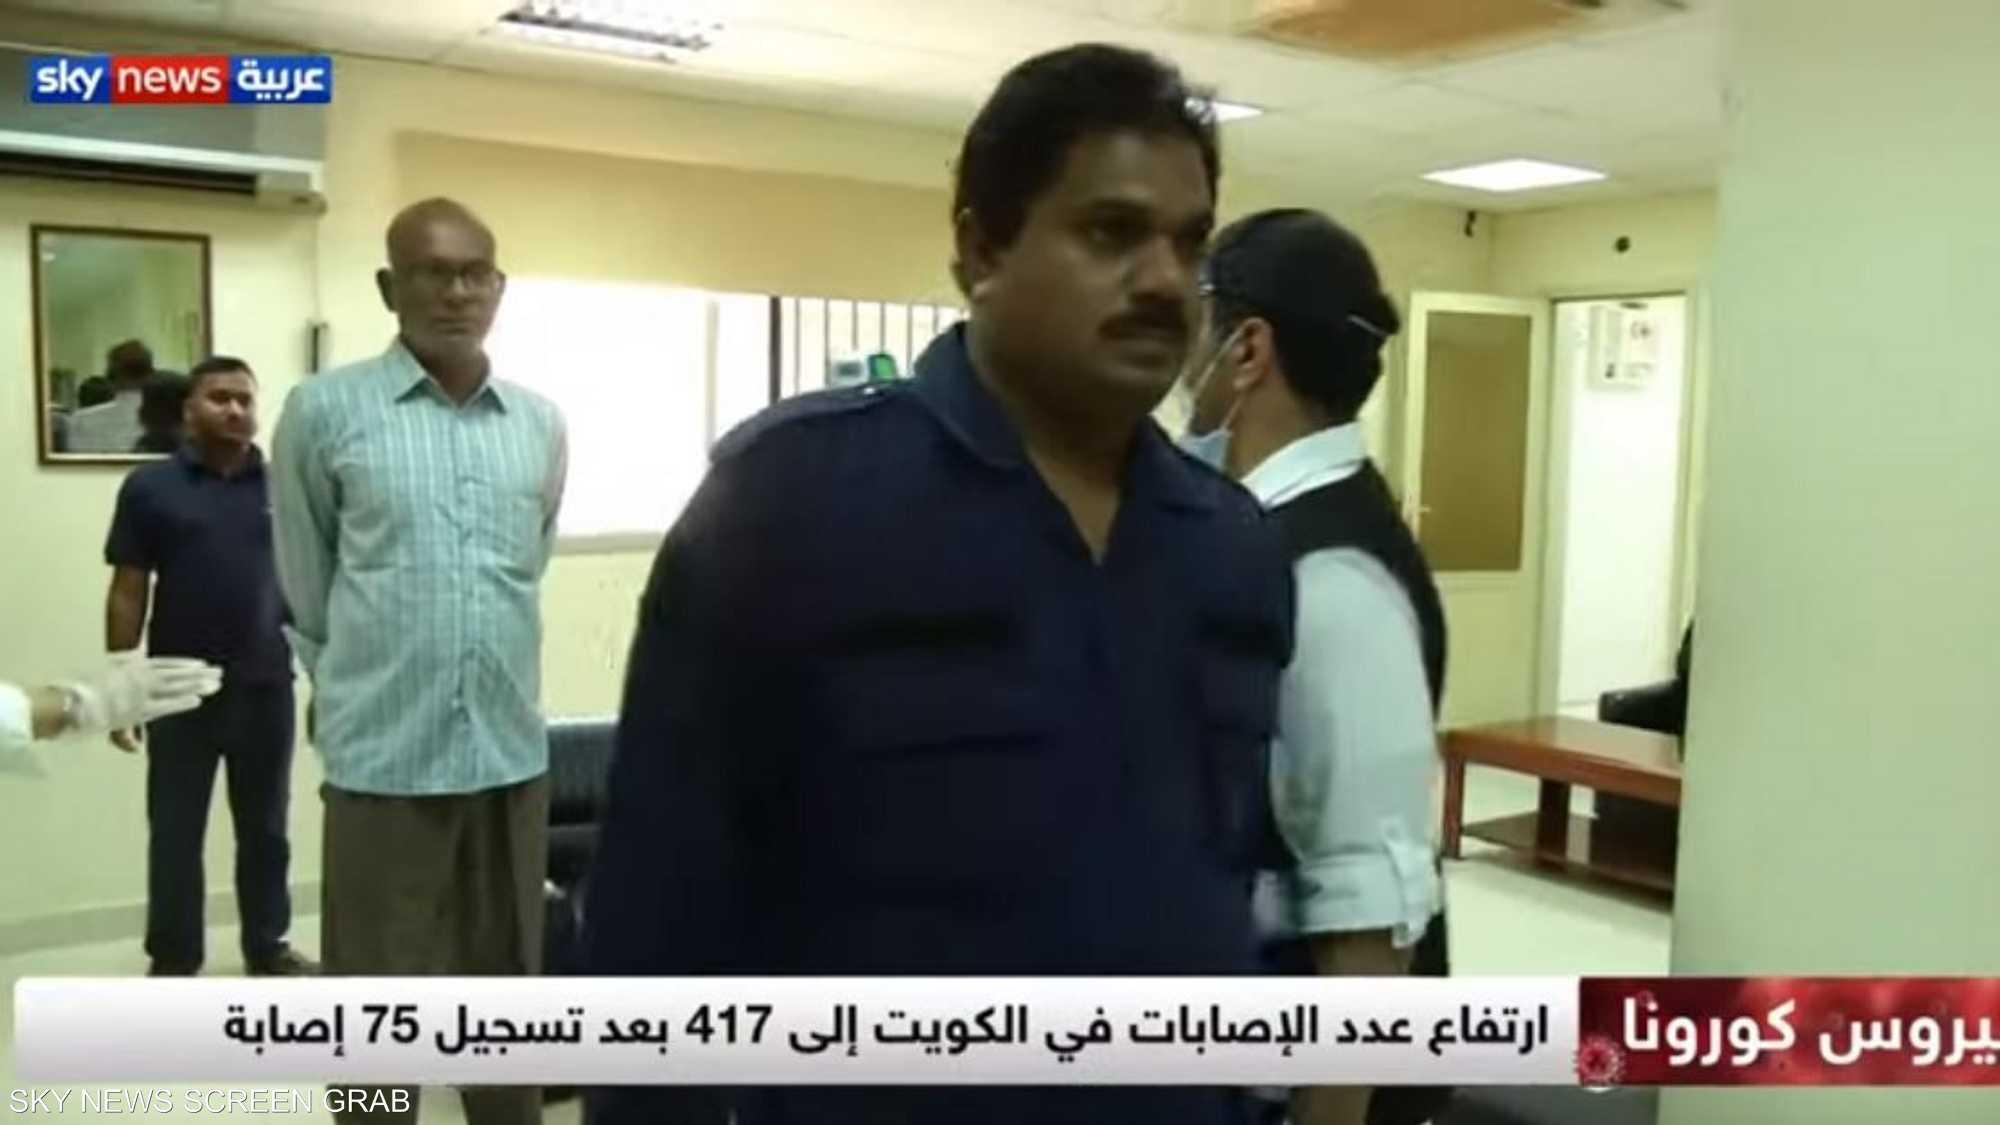 الكويت تسهل مغادرة مخالفي الإقامة لتخفيف الضغط على المشافي